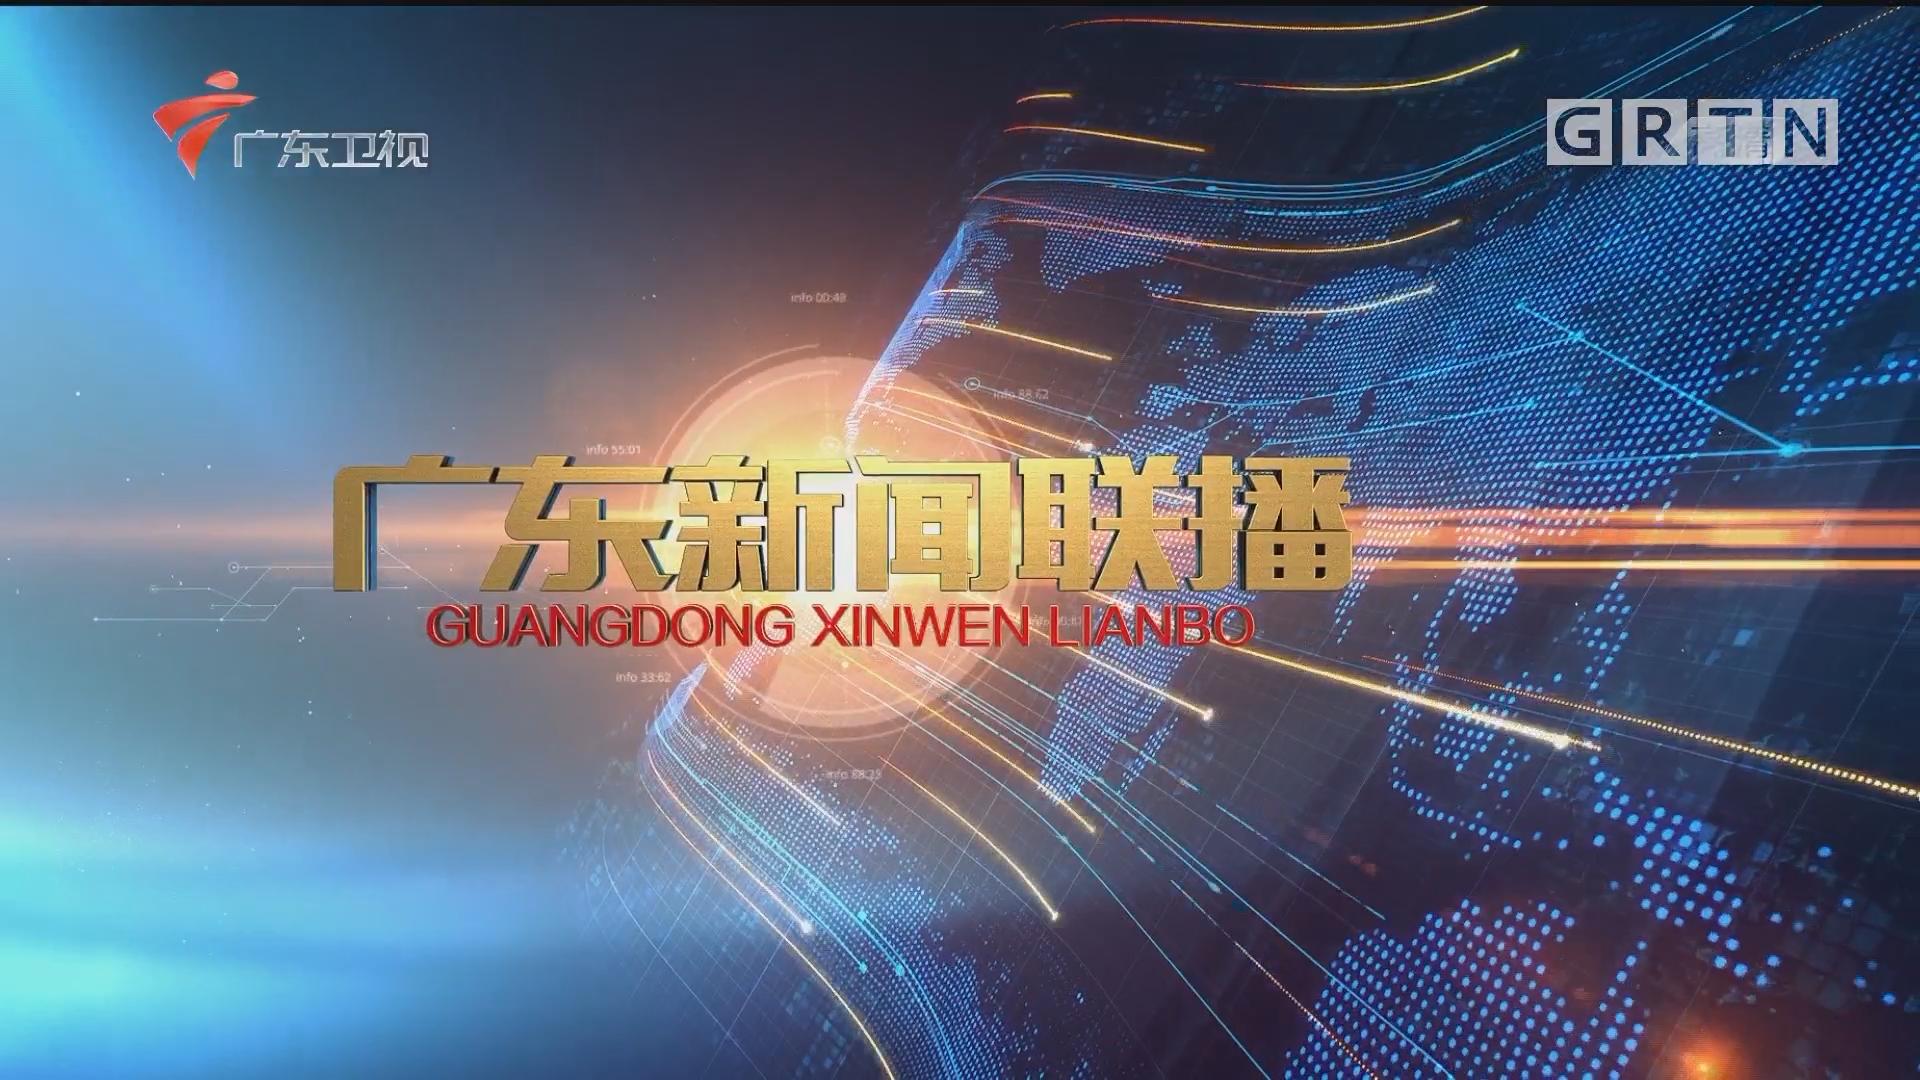 [HD][2018-01-20]广东新闻联播:省委常委会召开扩大会议 李希主持会议